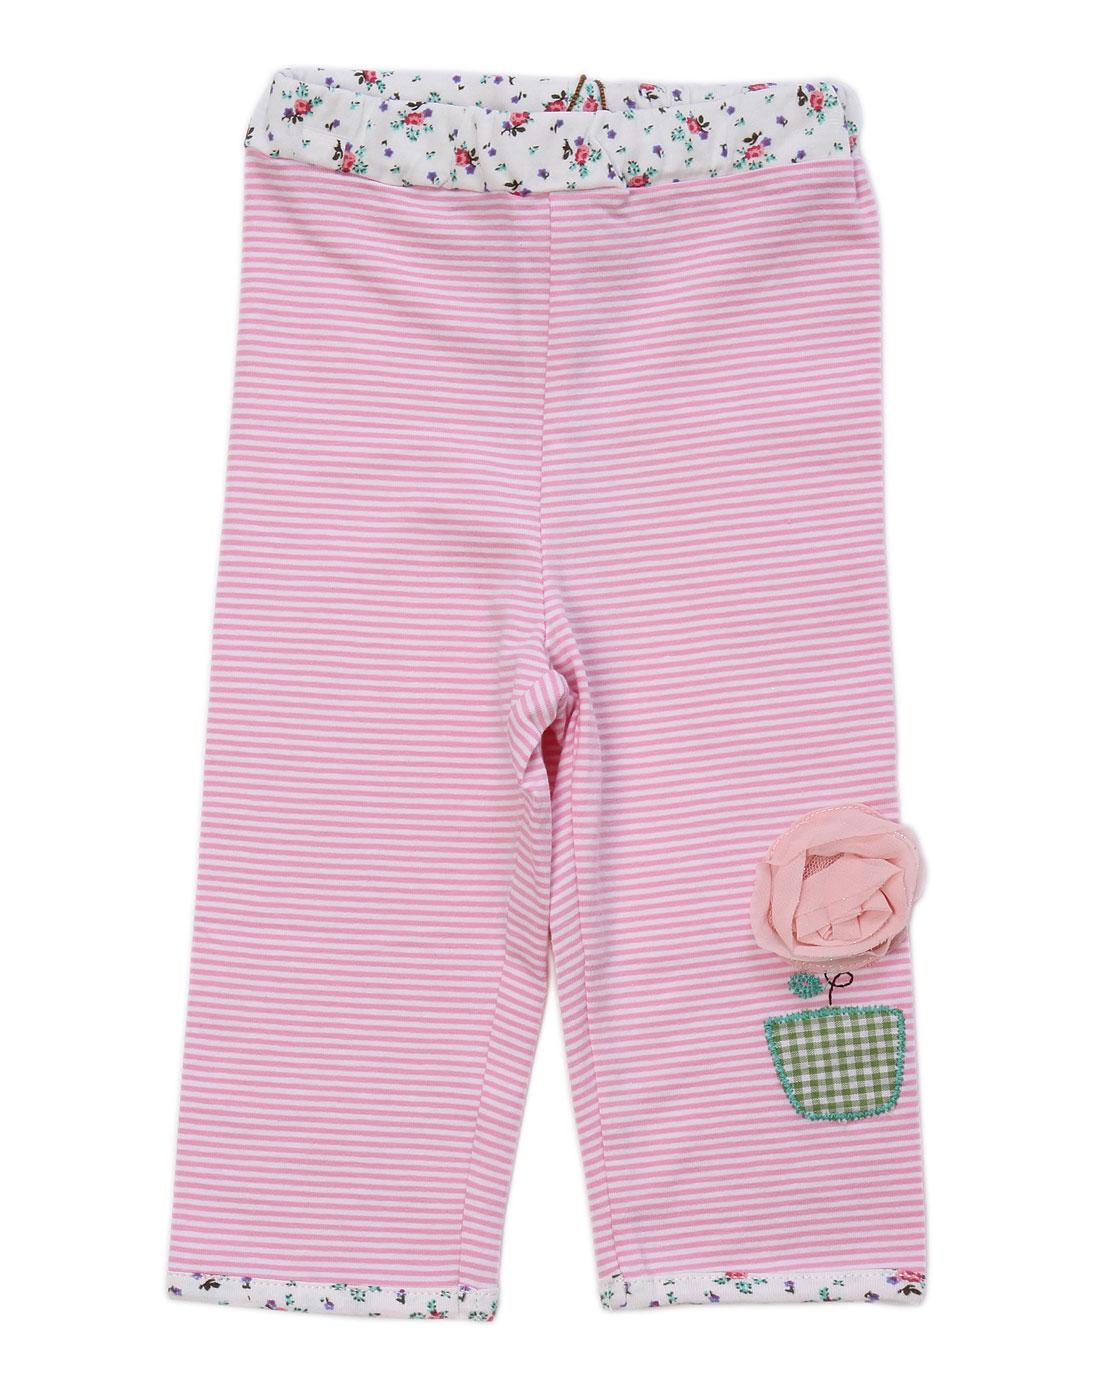 ciel男女童女童粉色裤子gpm023pi